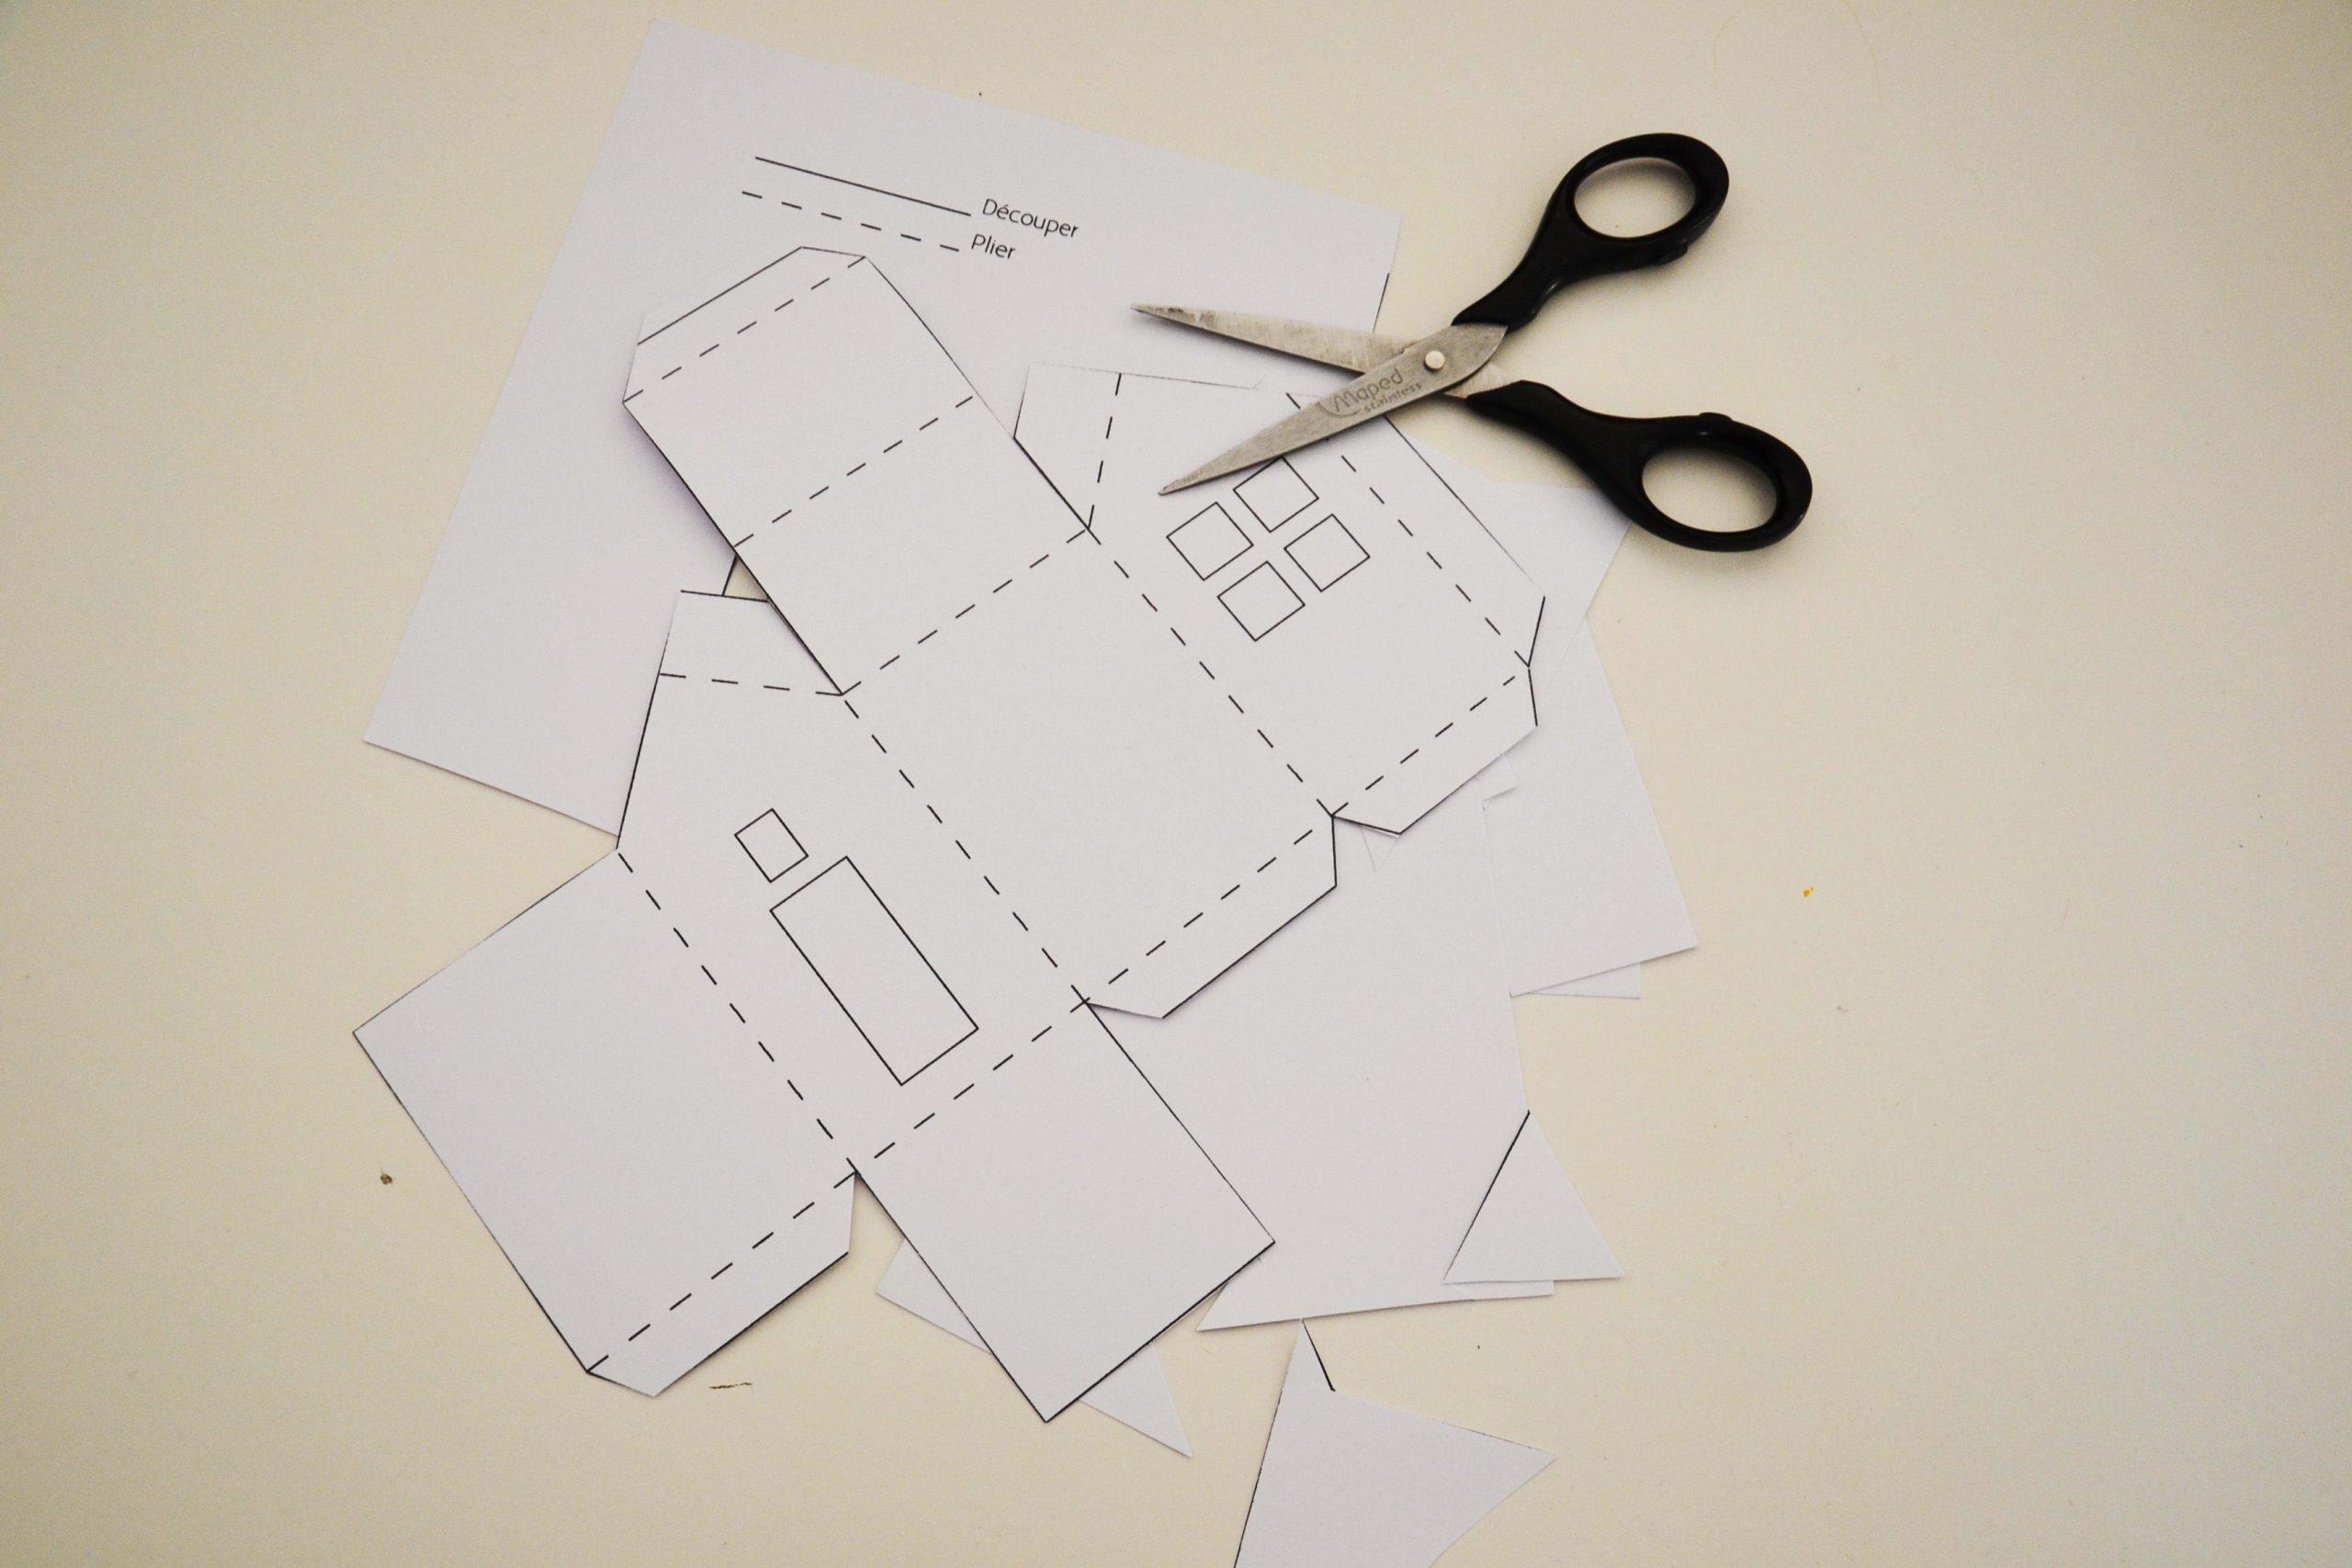 Calendrier De L'avent À Fabriquer : Des Maisonnettes En Papier destiné Patron De Maison En Papier A Imprimer